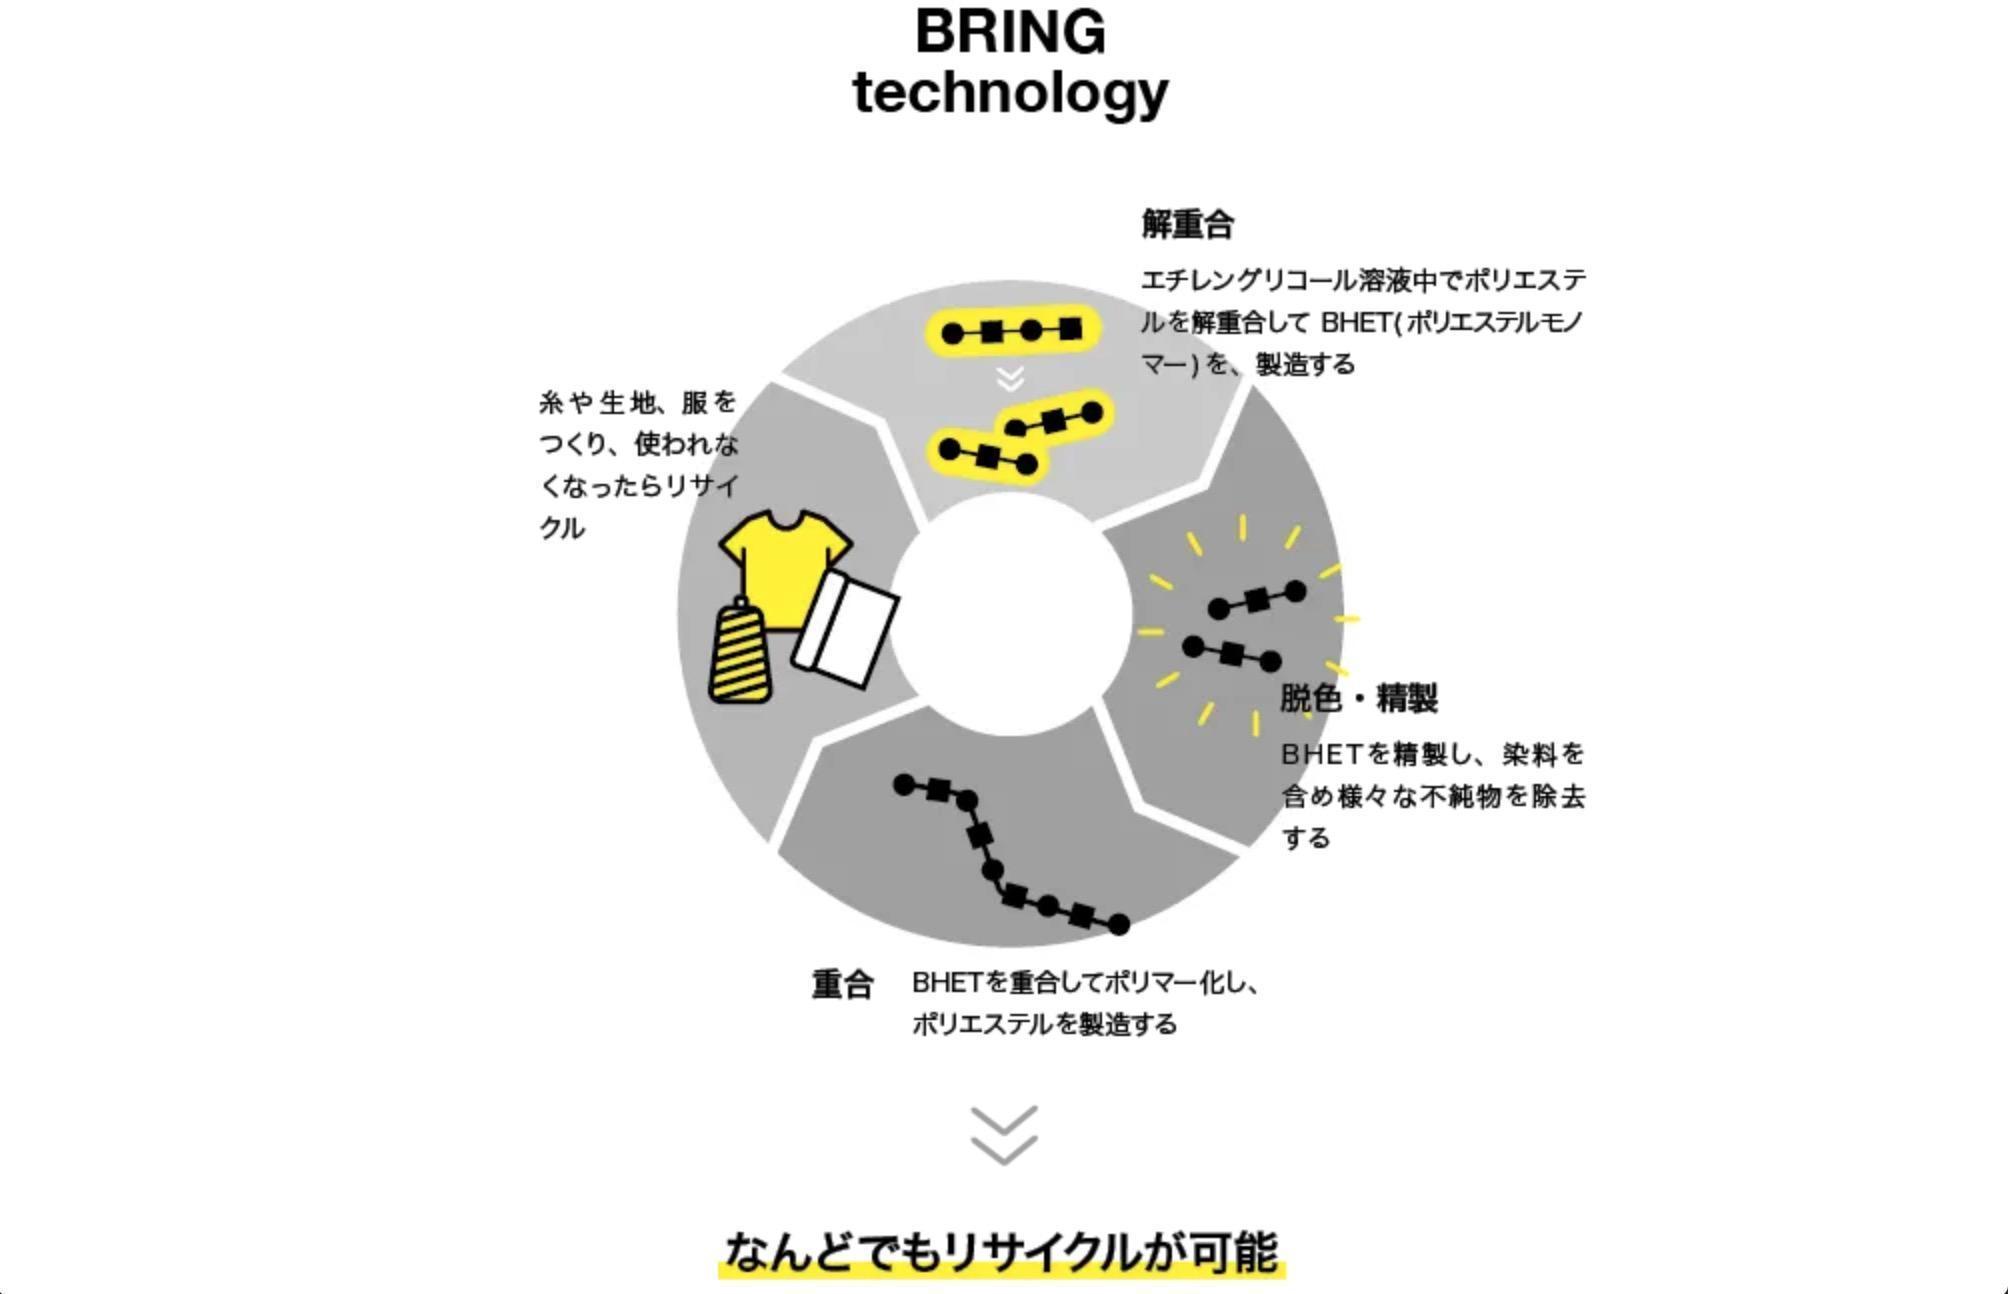 プラスチック製品のうちPET素材のものやポリエステルを再生する技術を表した図